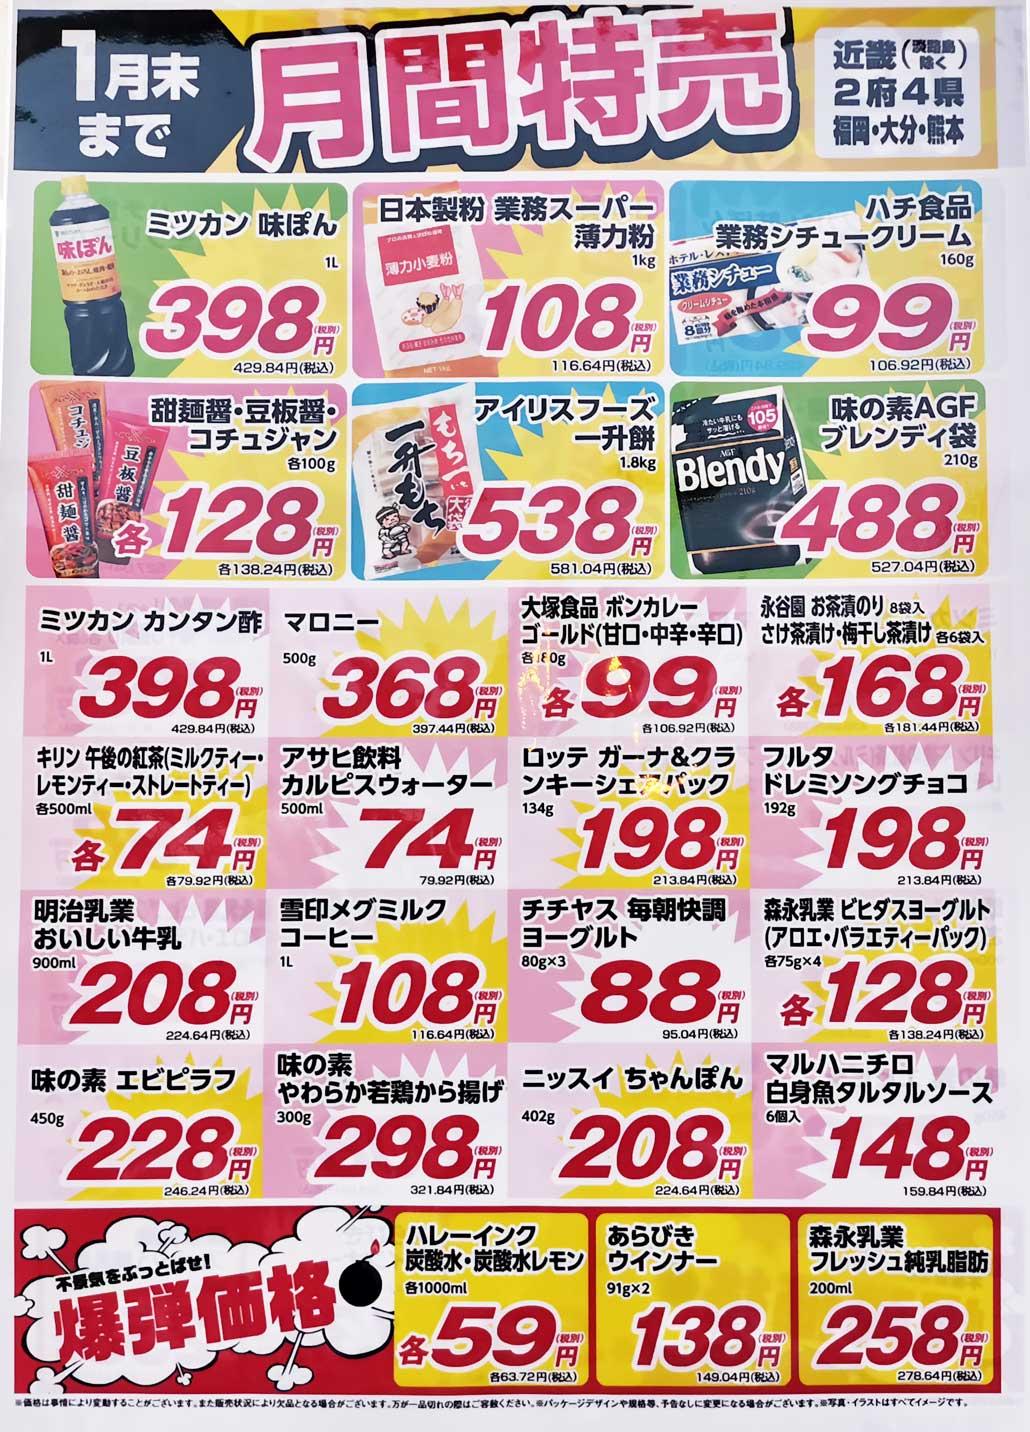 「業務スーパー ソフィアモール 松井山手店」のチラシ画像1